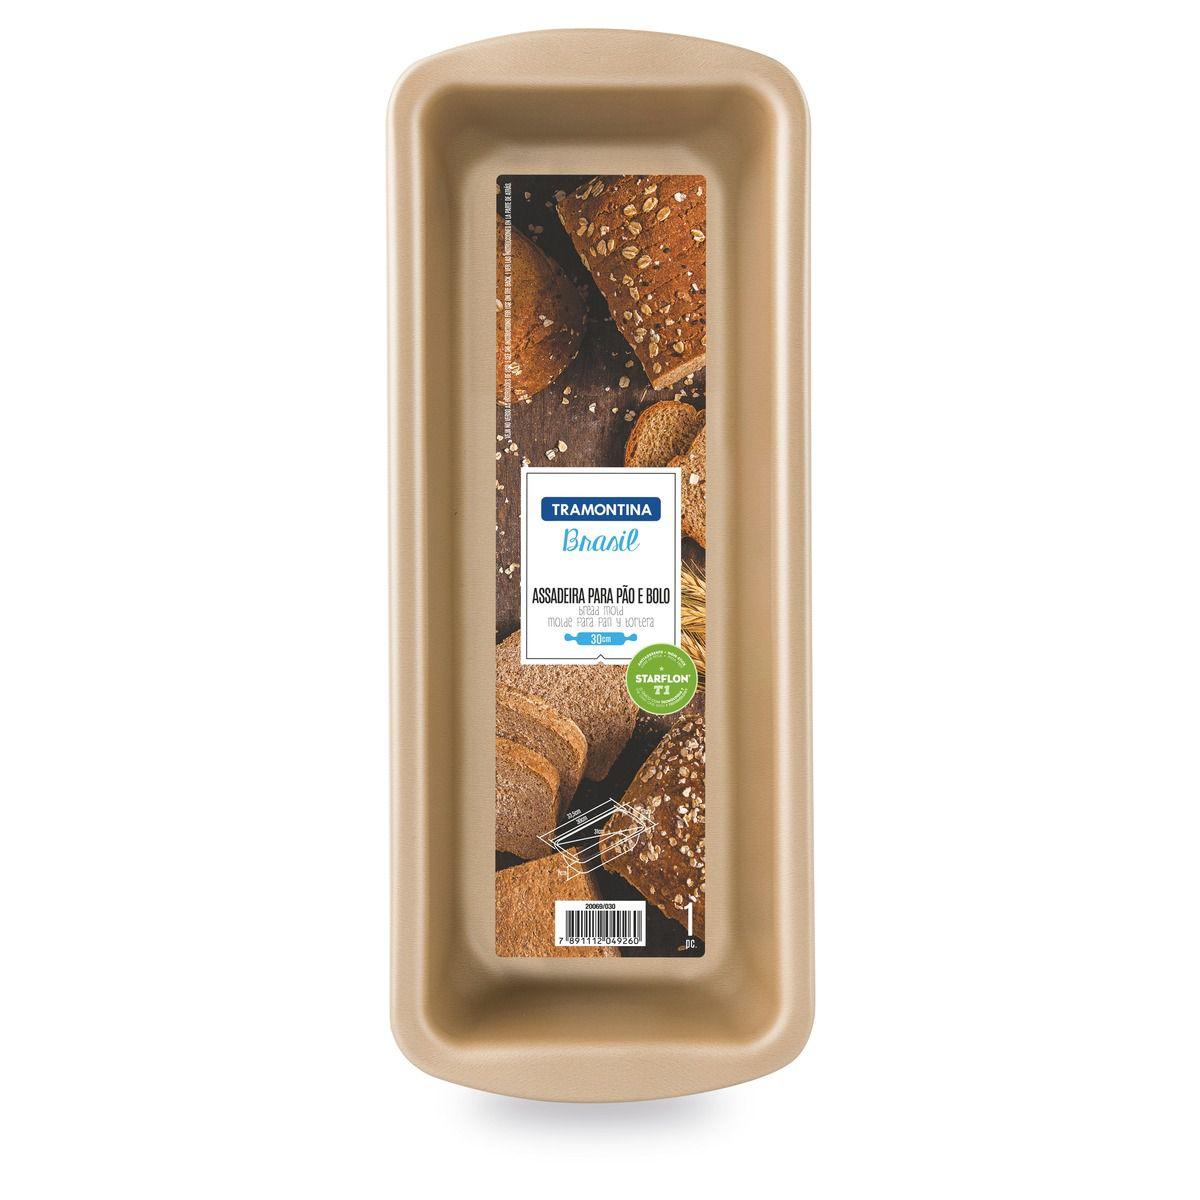 Forma para pão e bolo de alumínio com revestimento interno antiaderente 30cm 20069/730 | Lojas Estrela